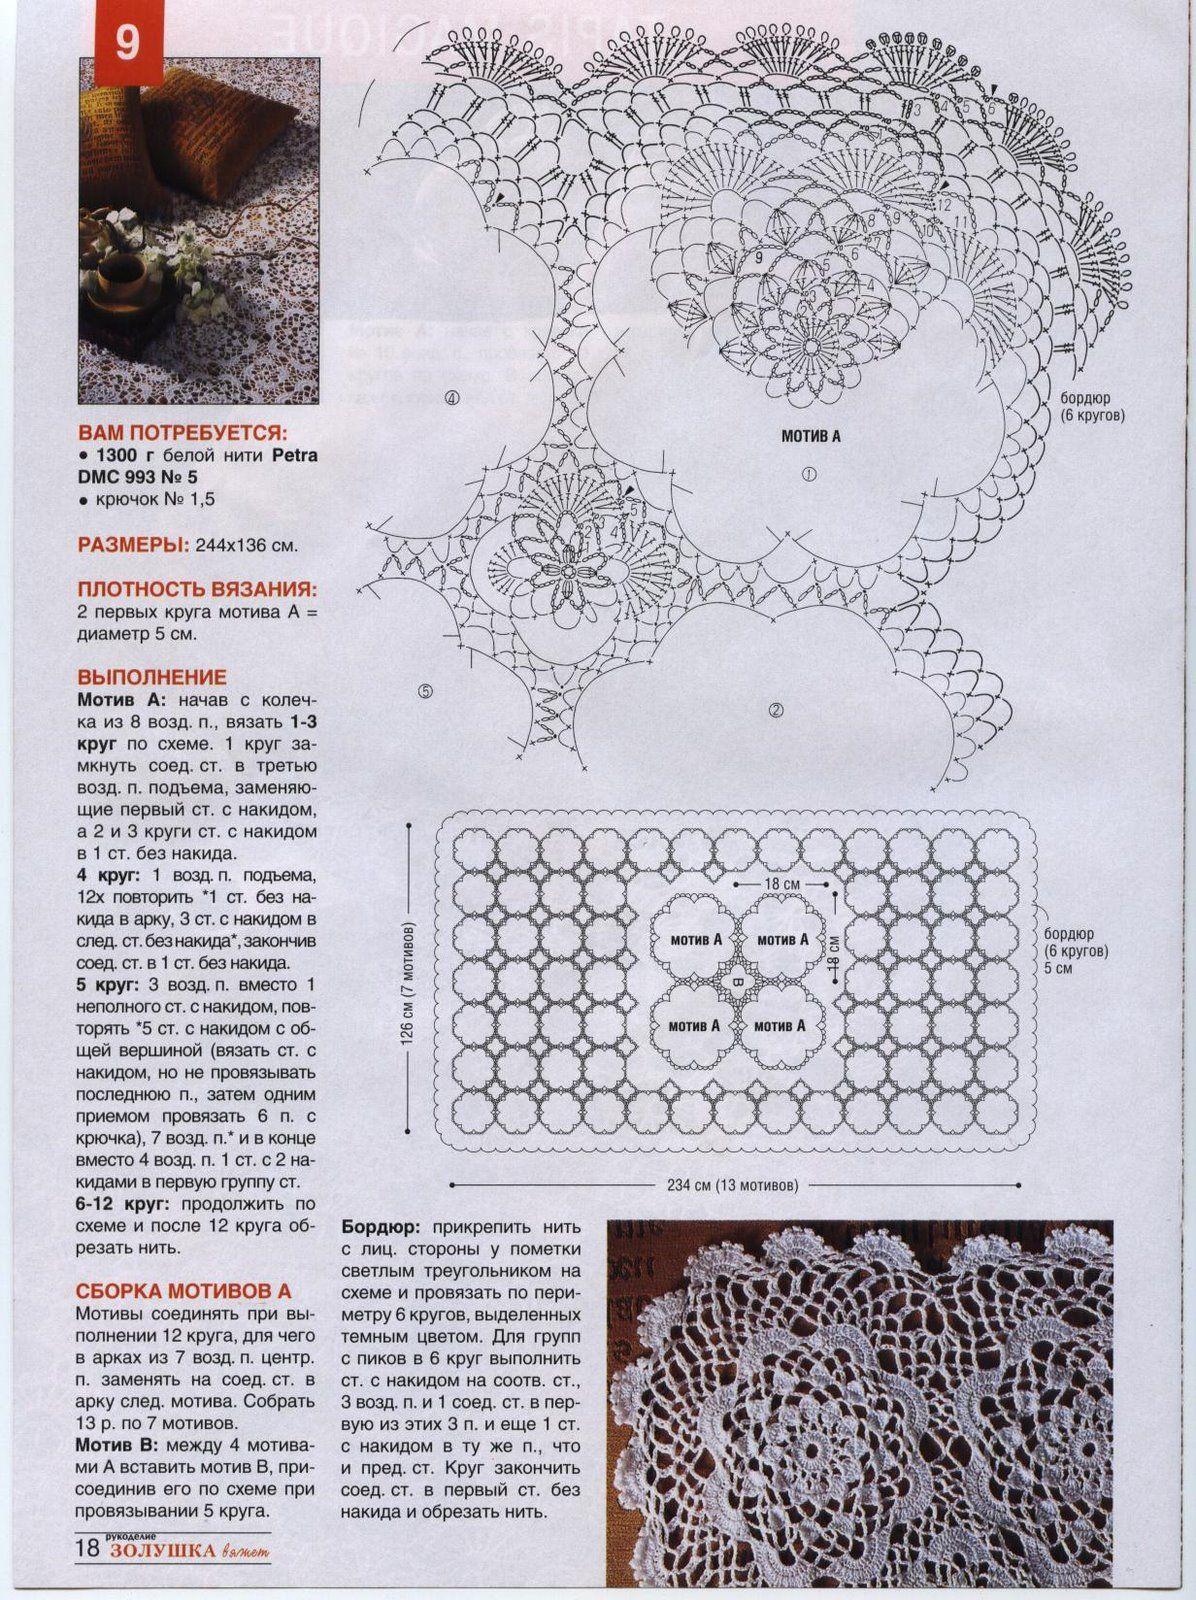 Copriletto Uncinetto Moduli Rotondi Grandi E Piccoli 2